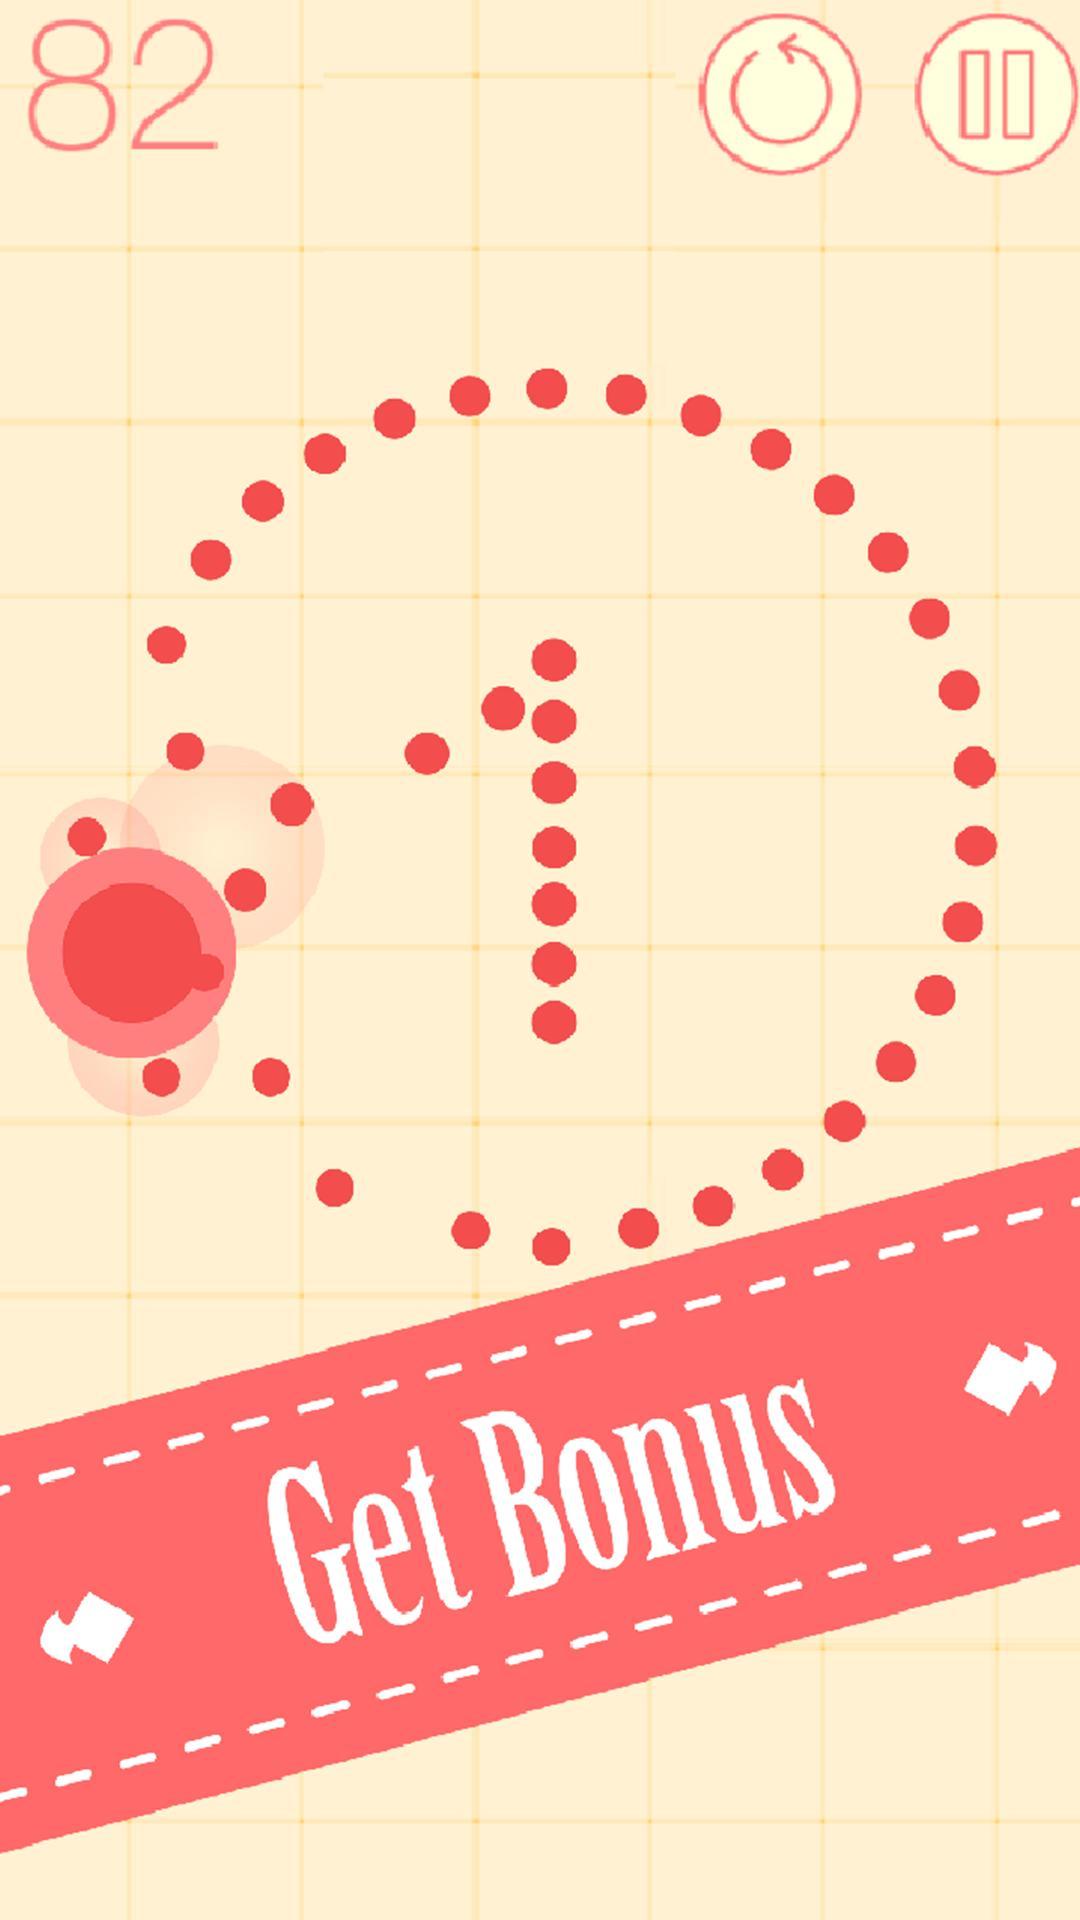 超级节拍小球休闲手游v1.5截图0